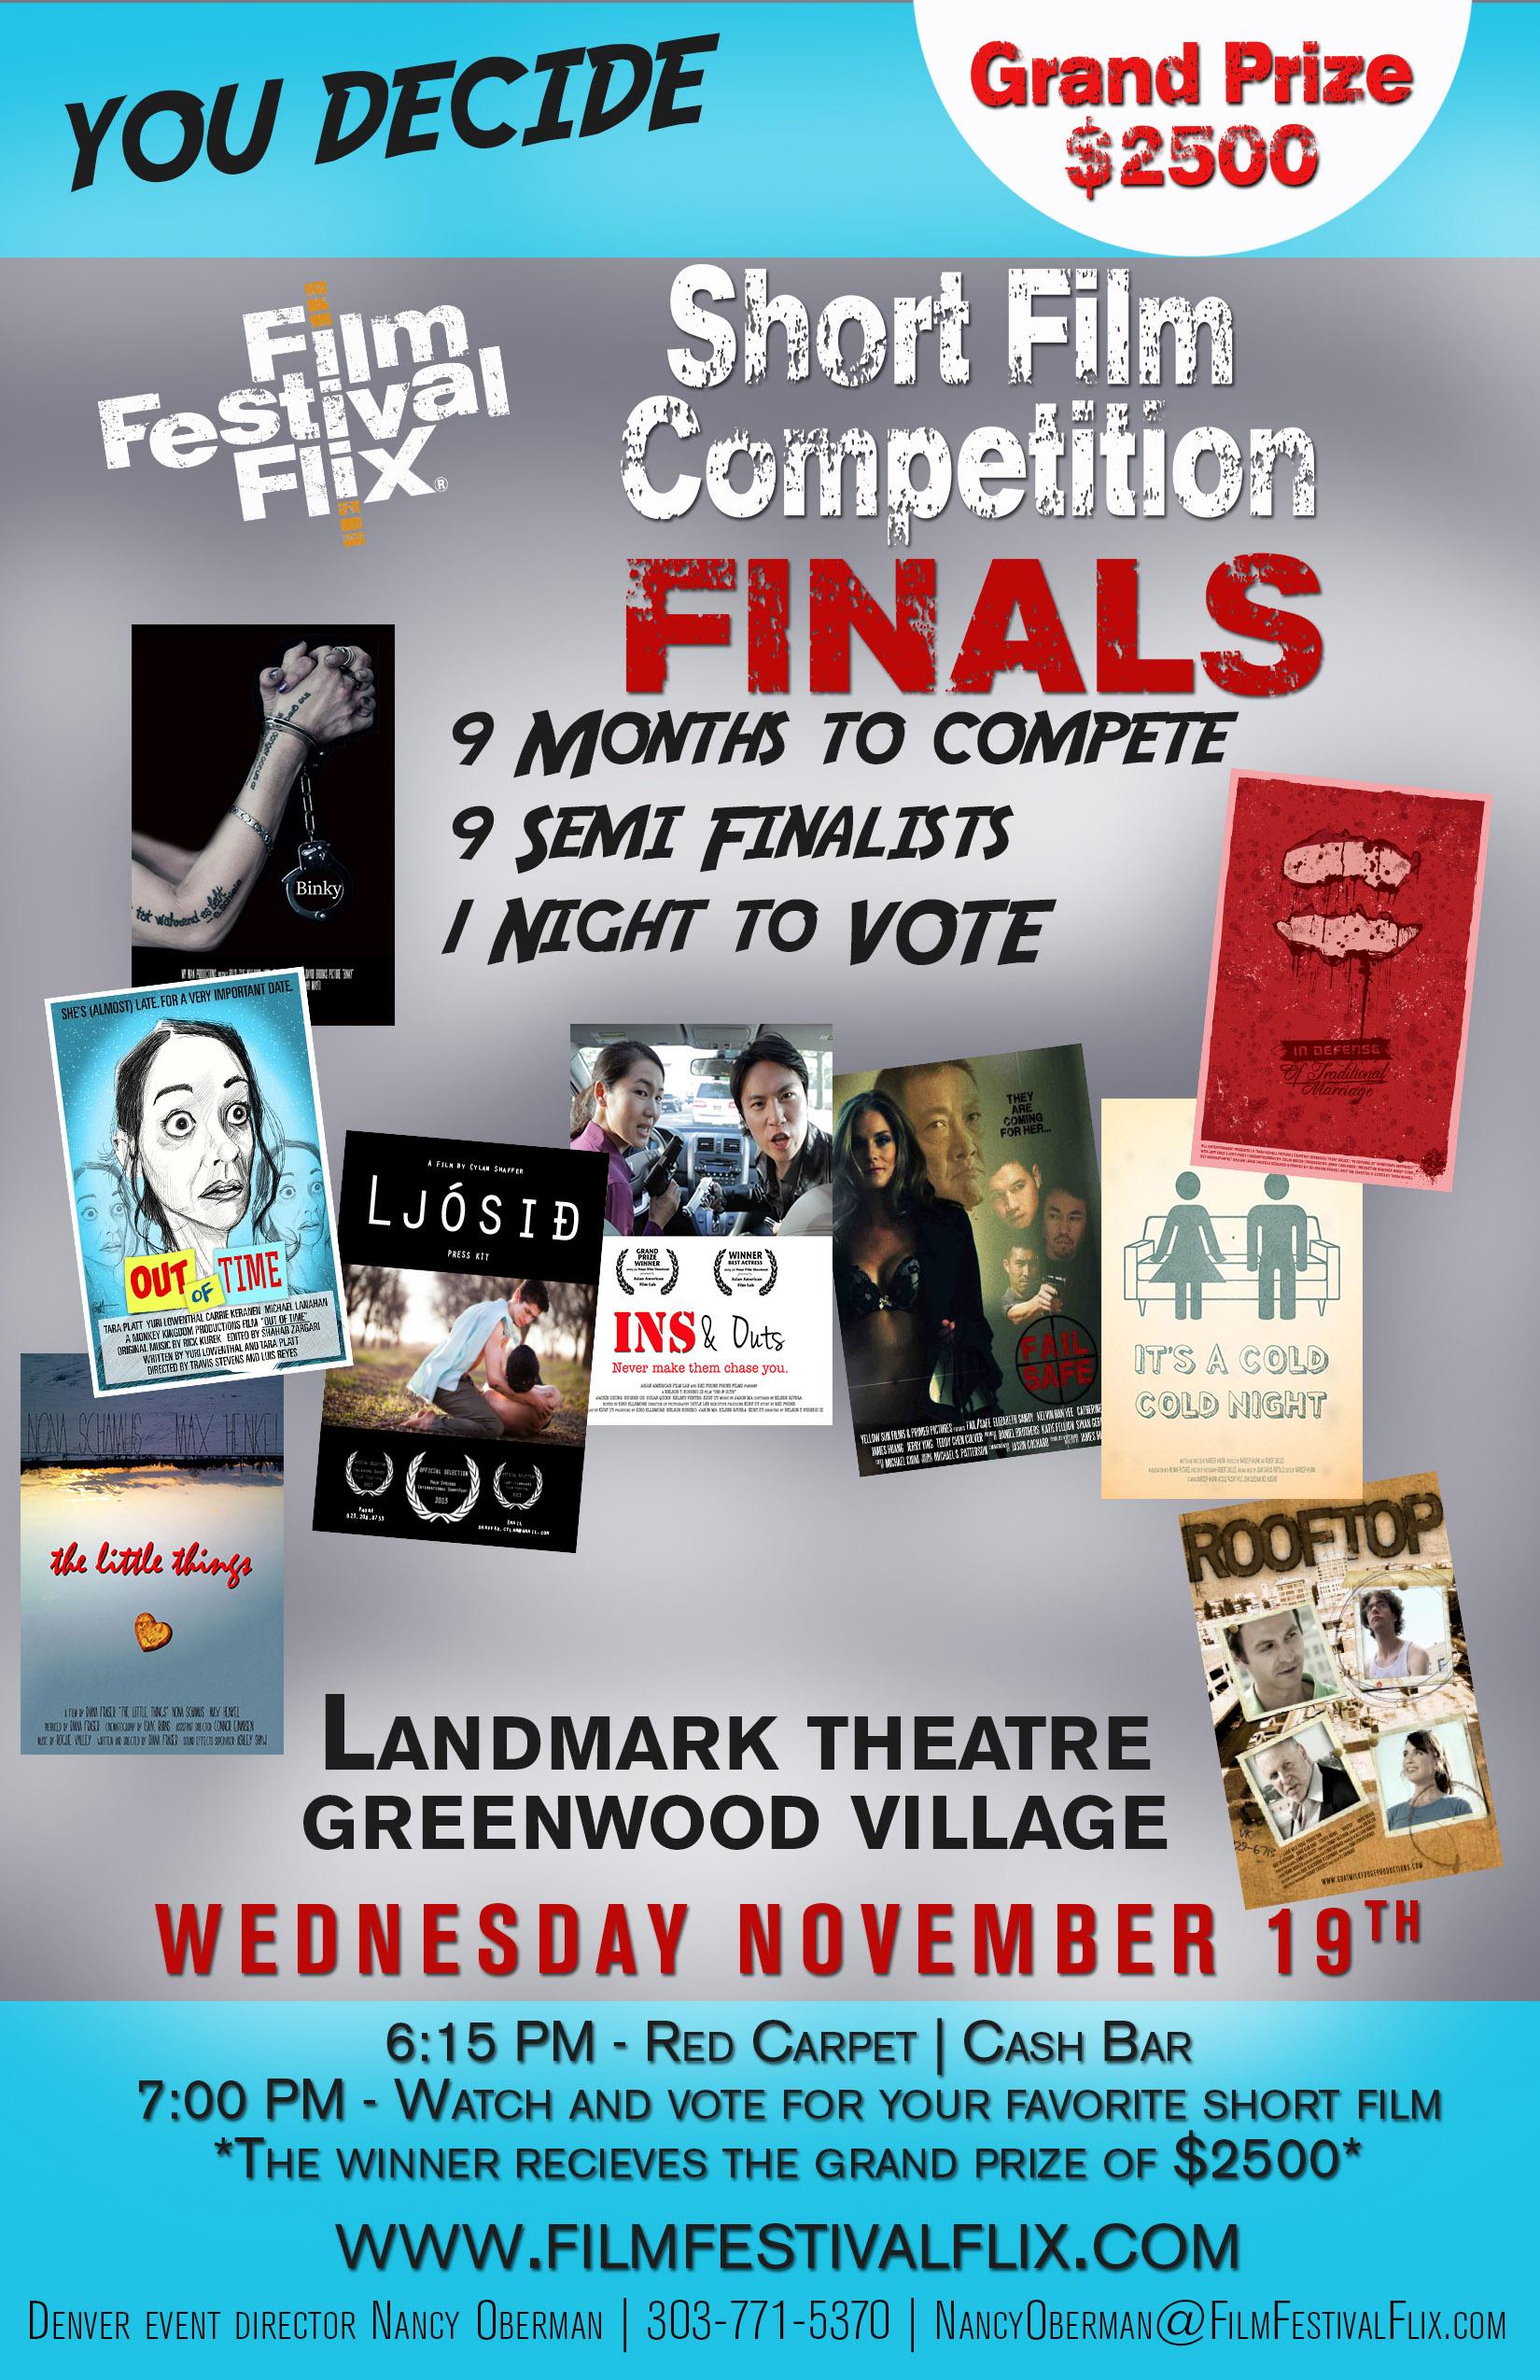 Details for the DenverShort Film Competition Finals 2014